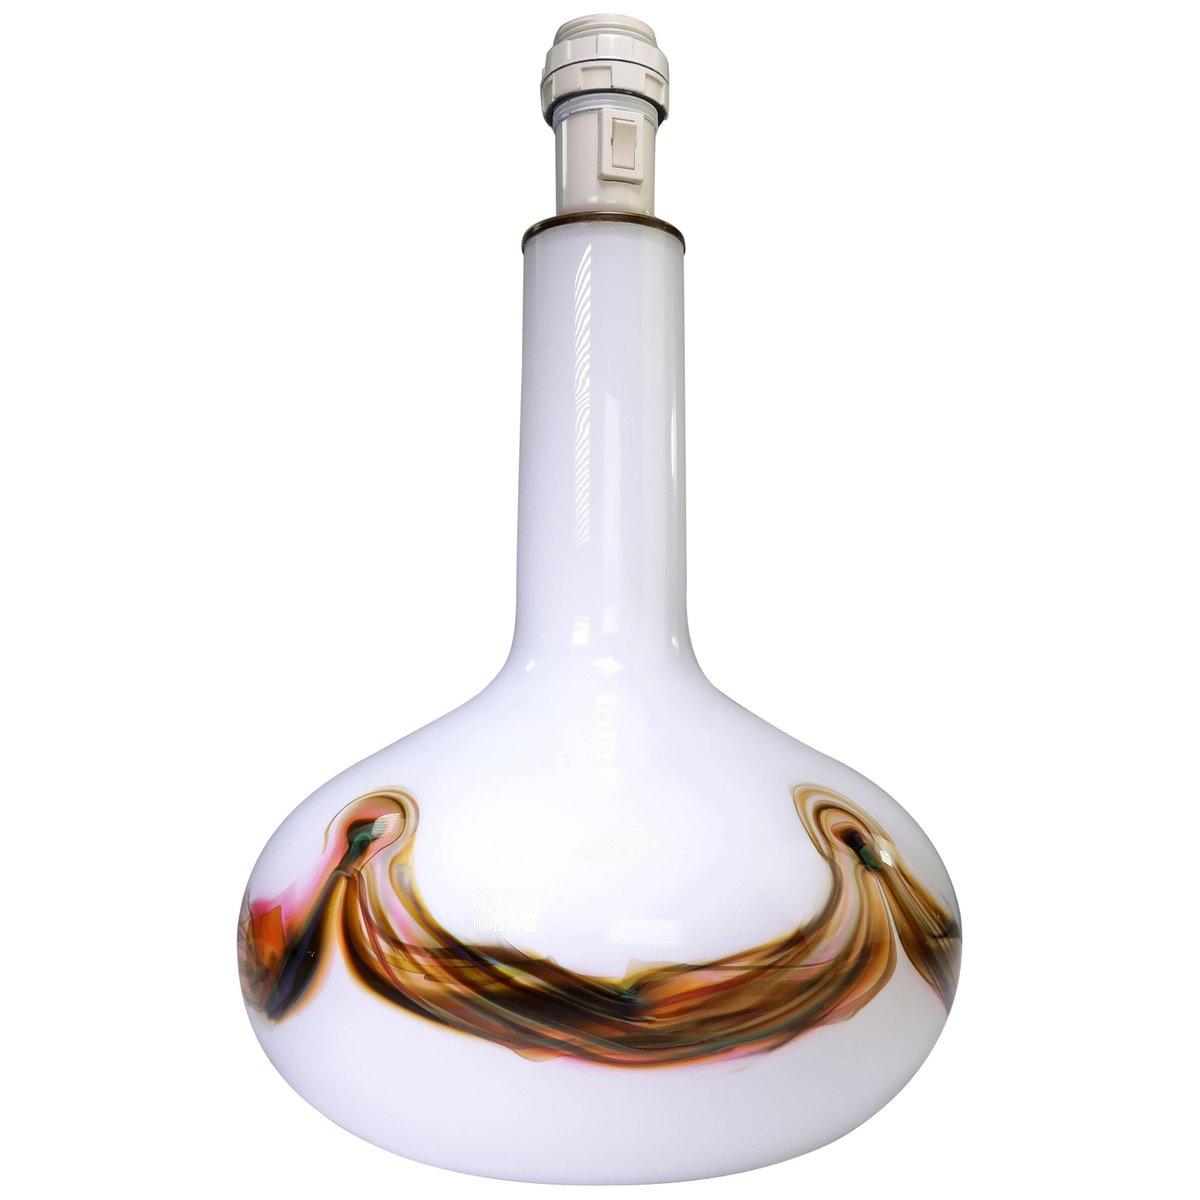 Moderne Glaslampe von Per Lütken für Holmegaard, 1970er